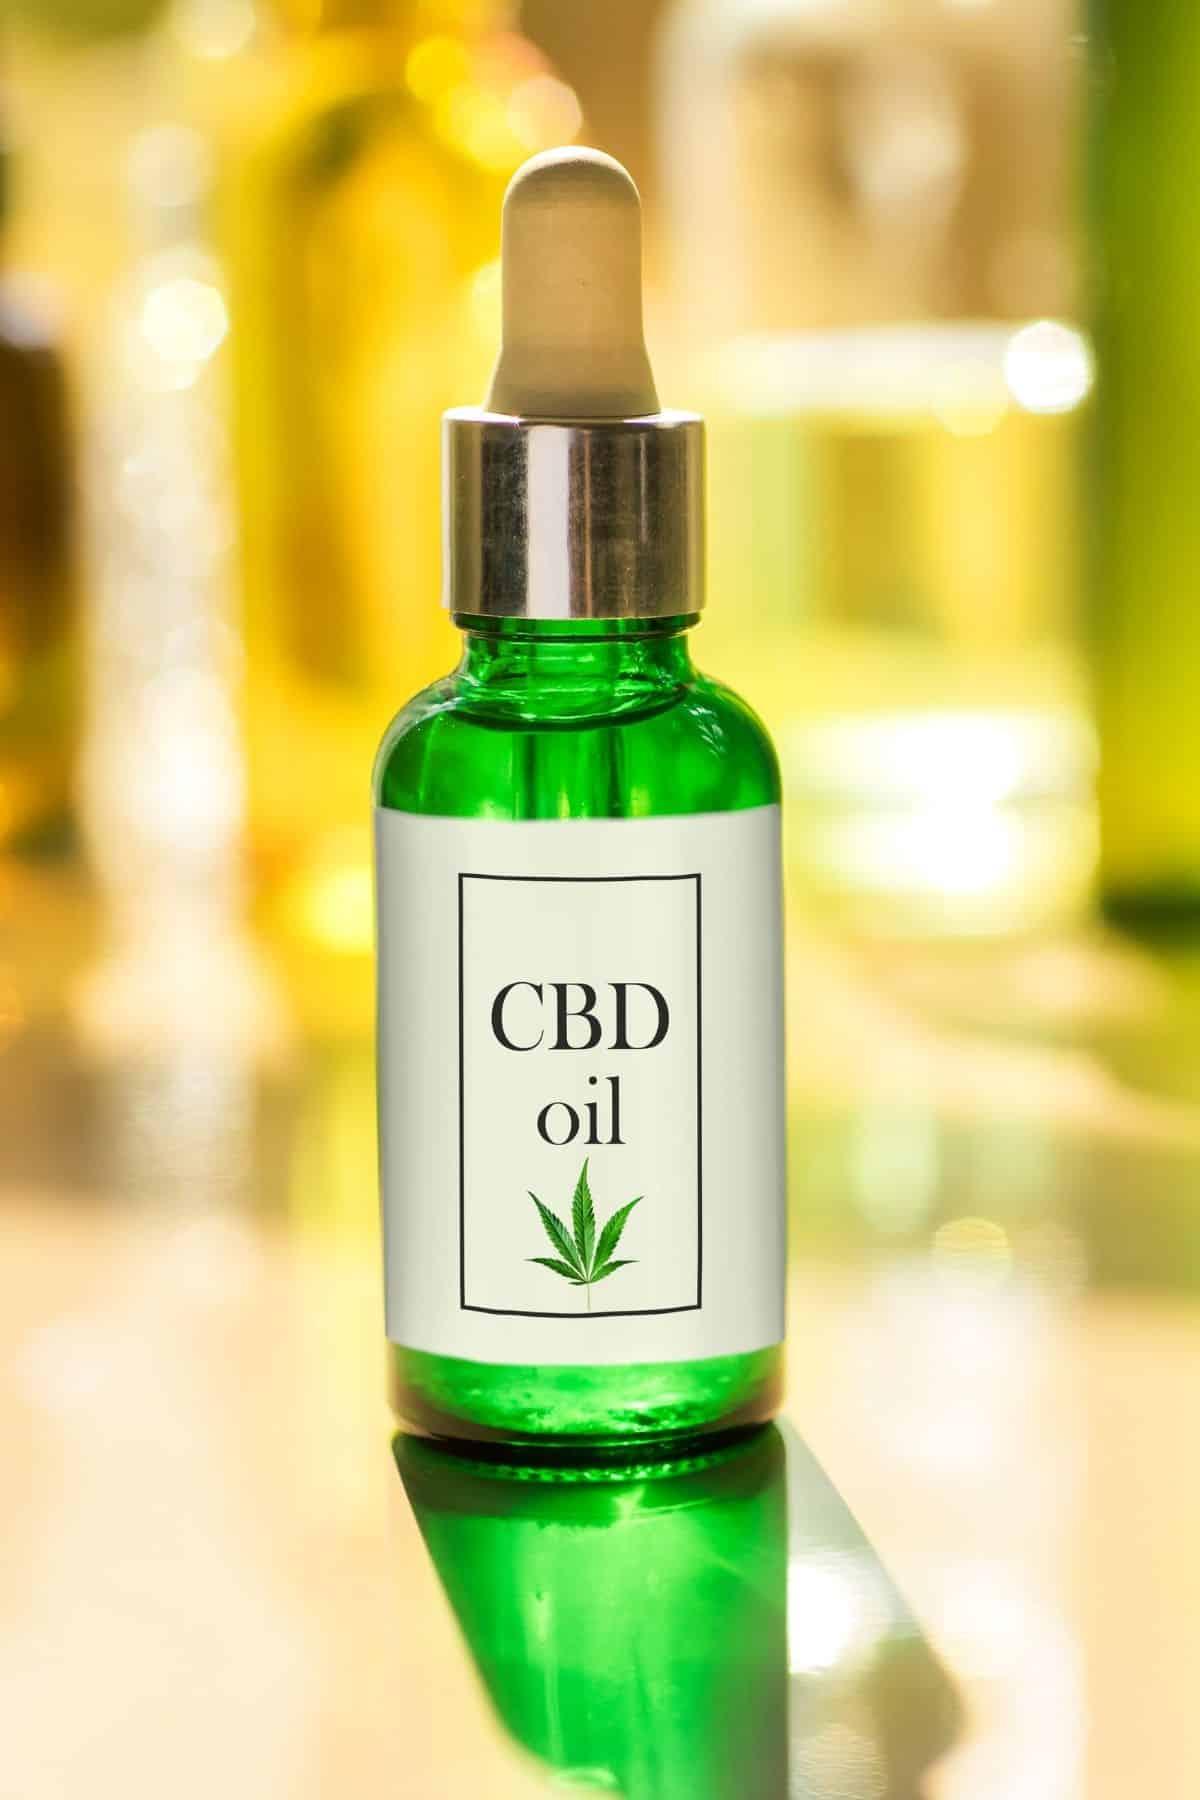 bottle of CBD oil in a green bottle